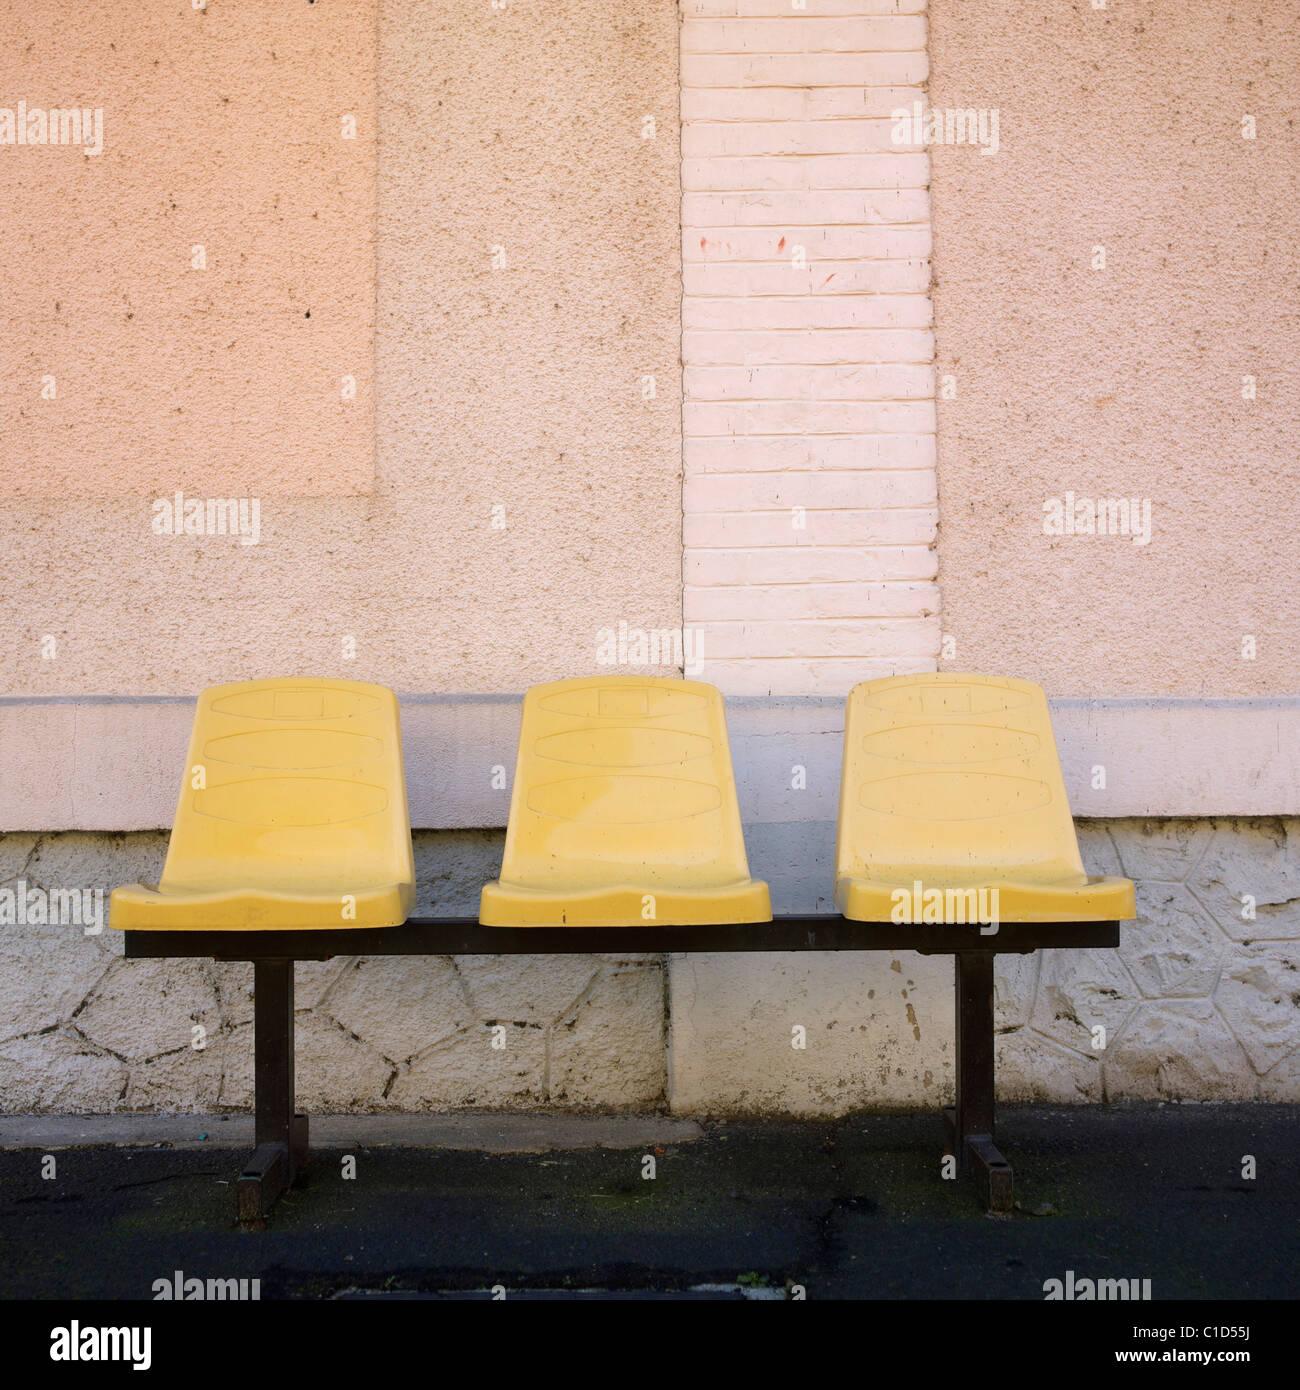 Trois sièges d'une gare Photo Stock